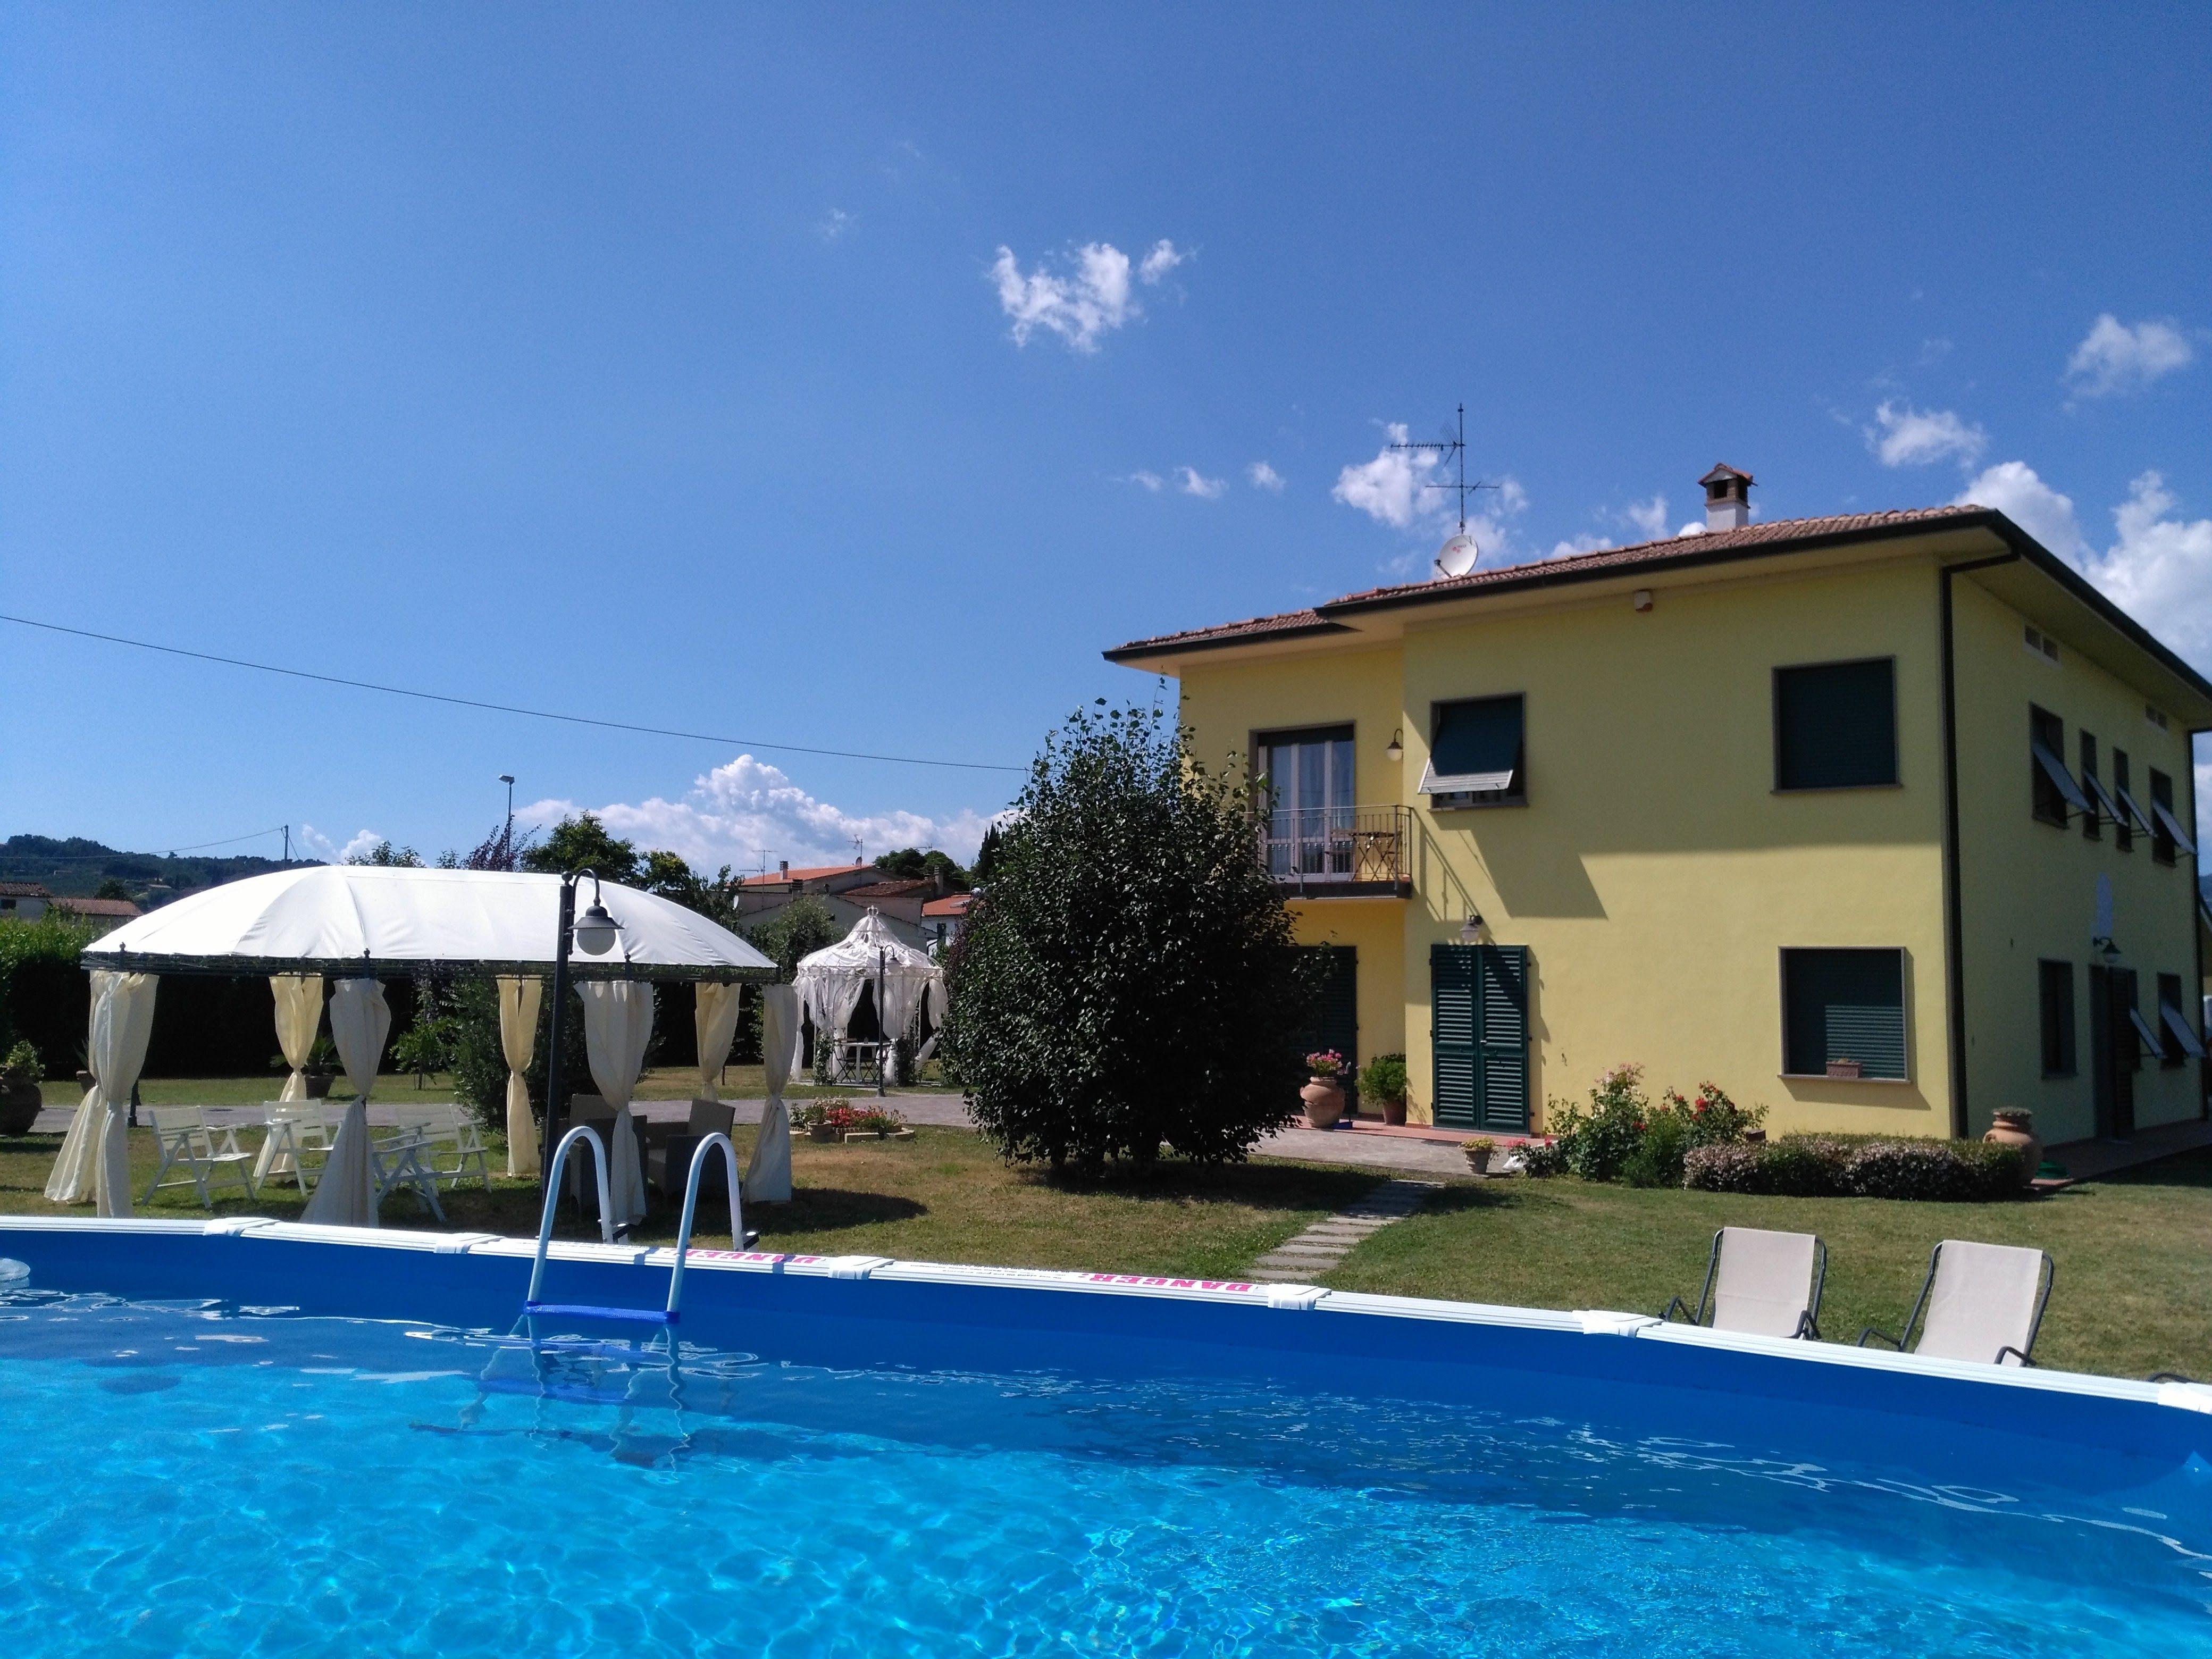 Residencia equipada con piscina